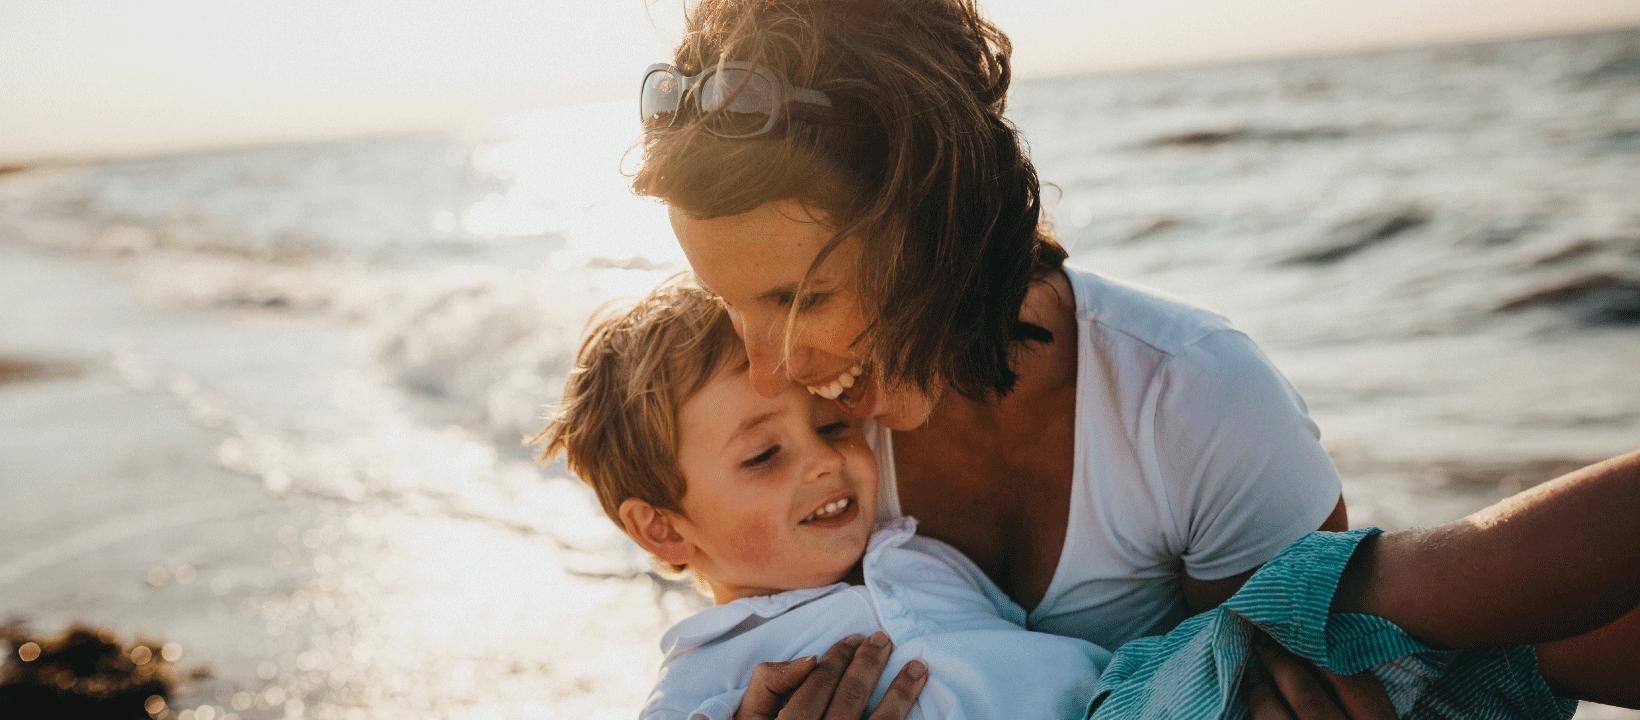 Comment bien se protéger du soleil en famille ?